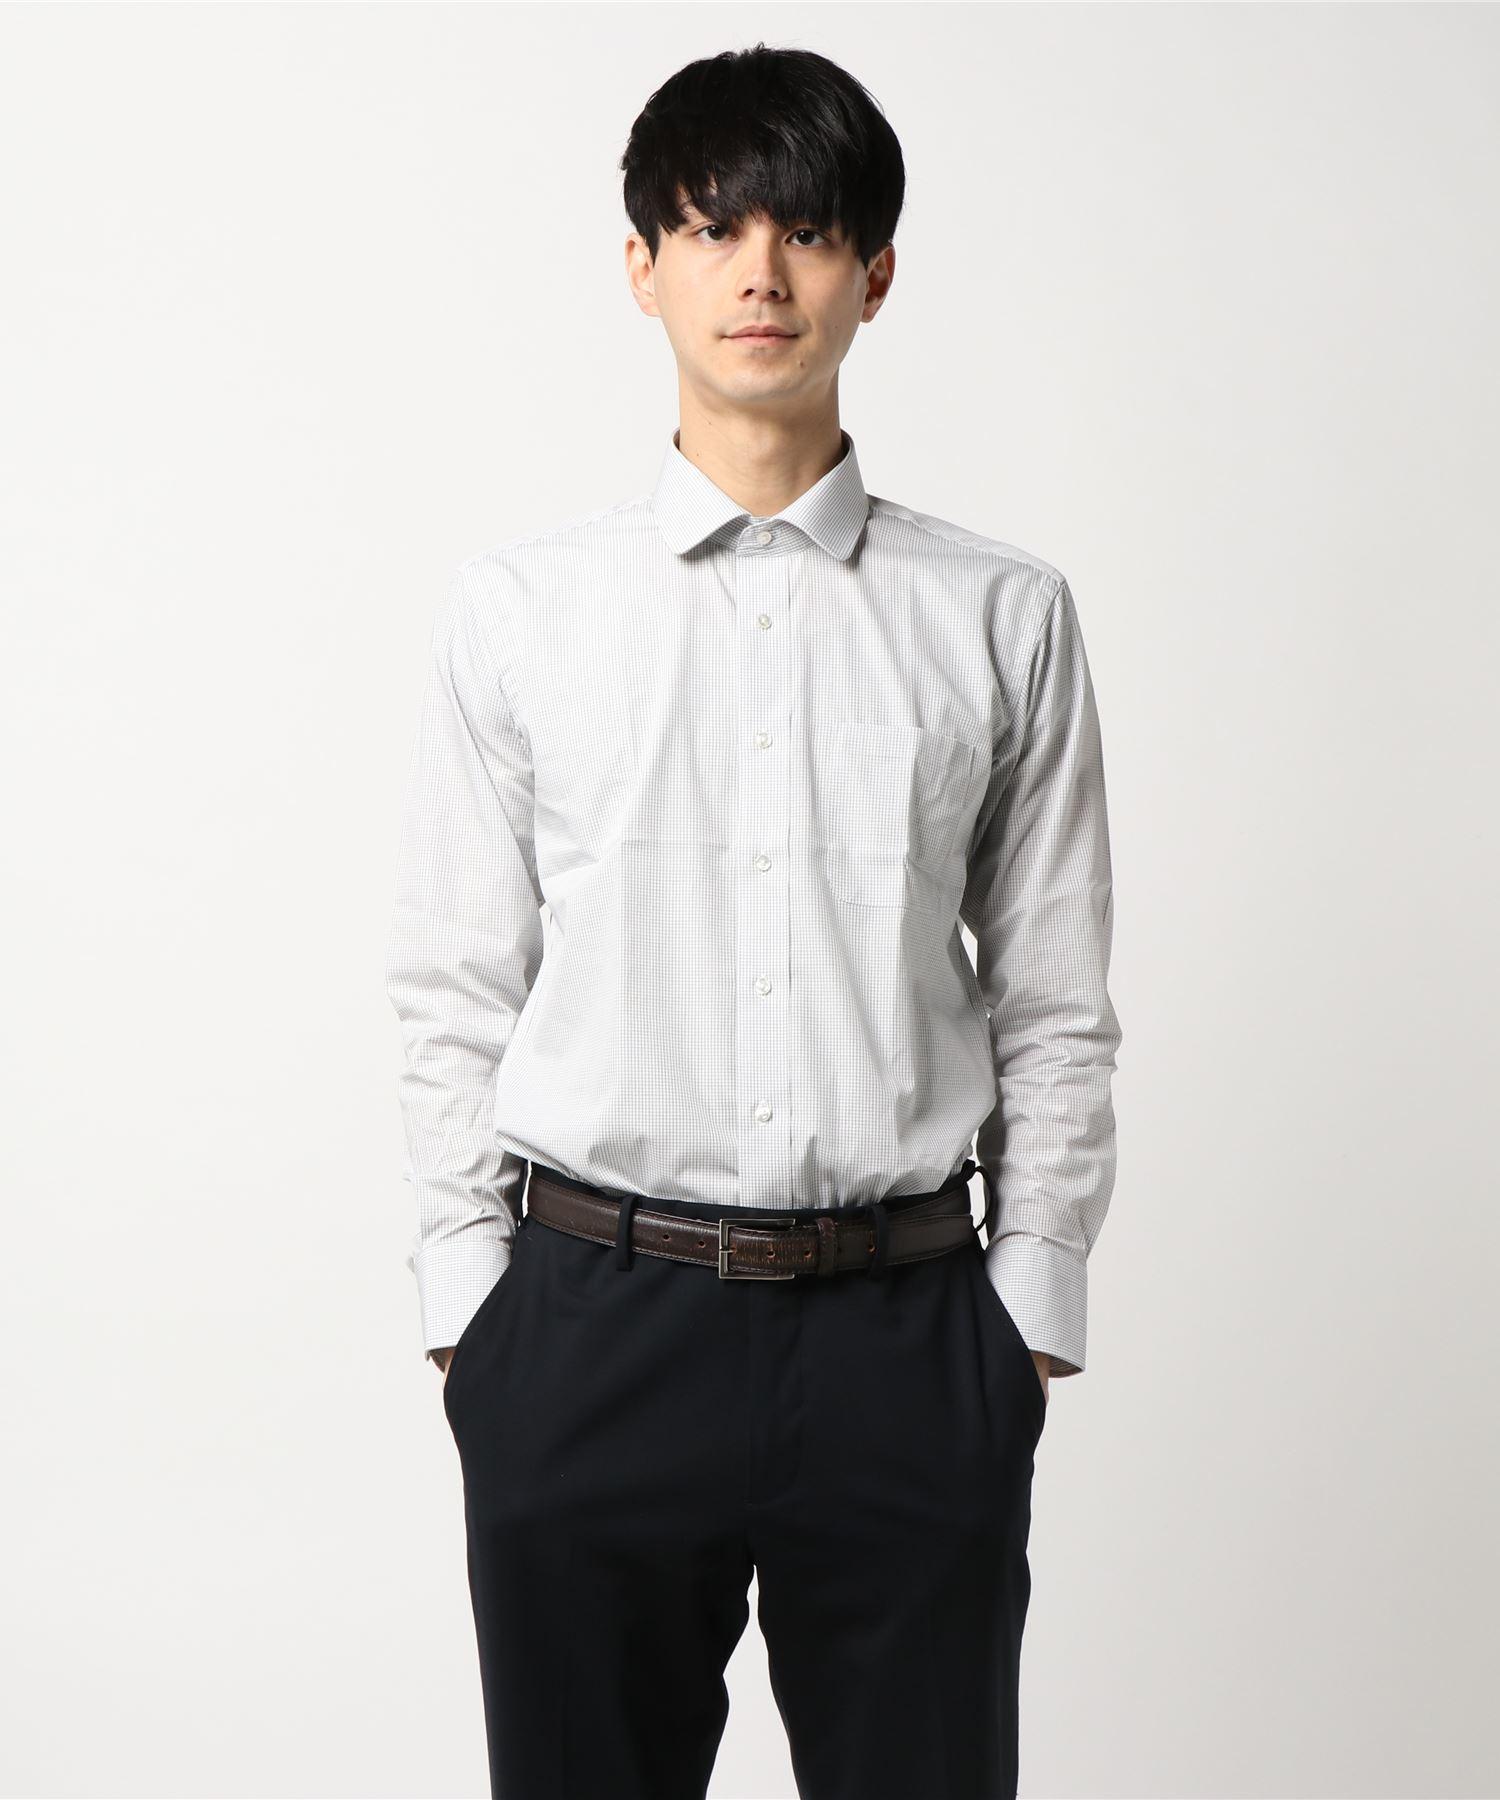 綿100% 形態安定 ラウンドカラー 長袖シャツ